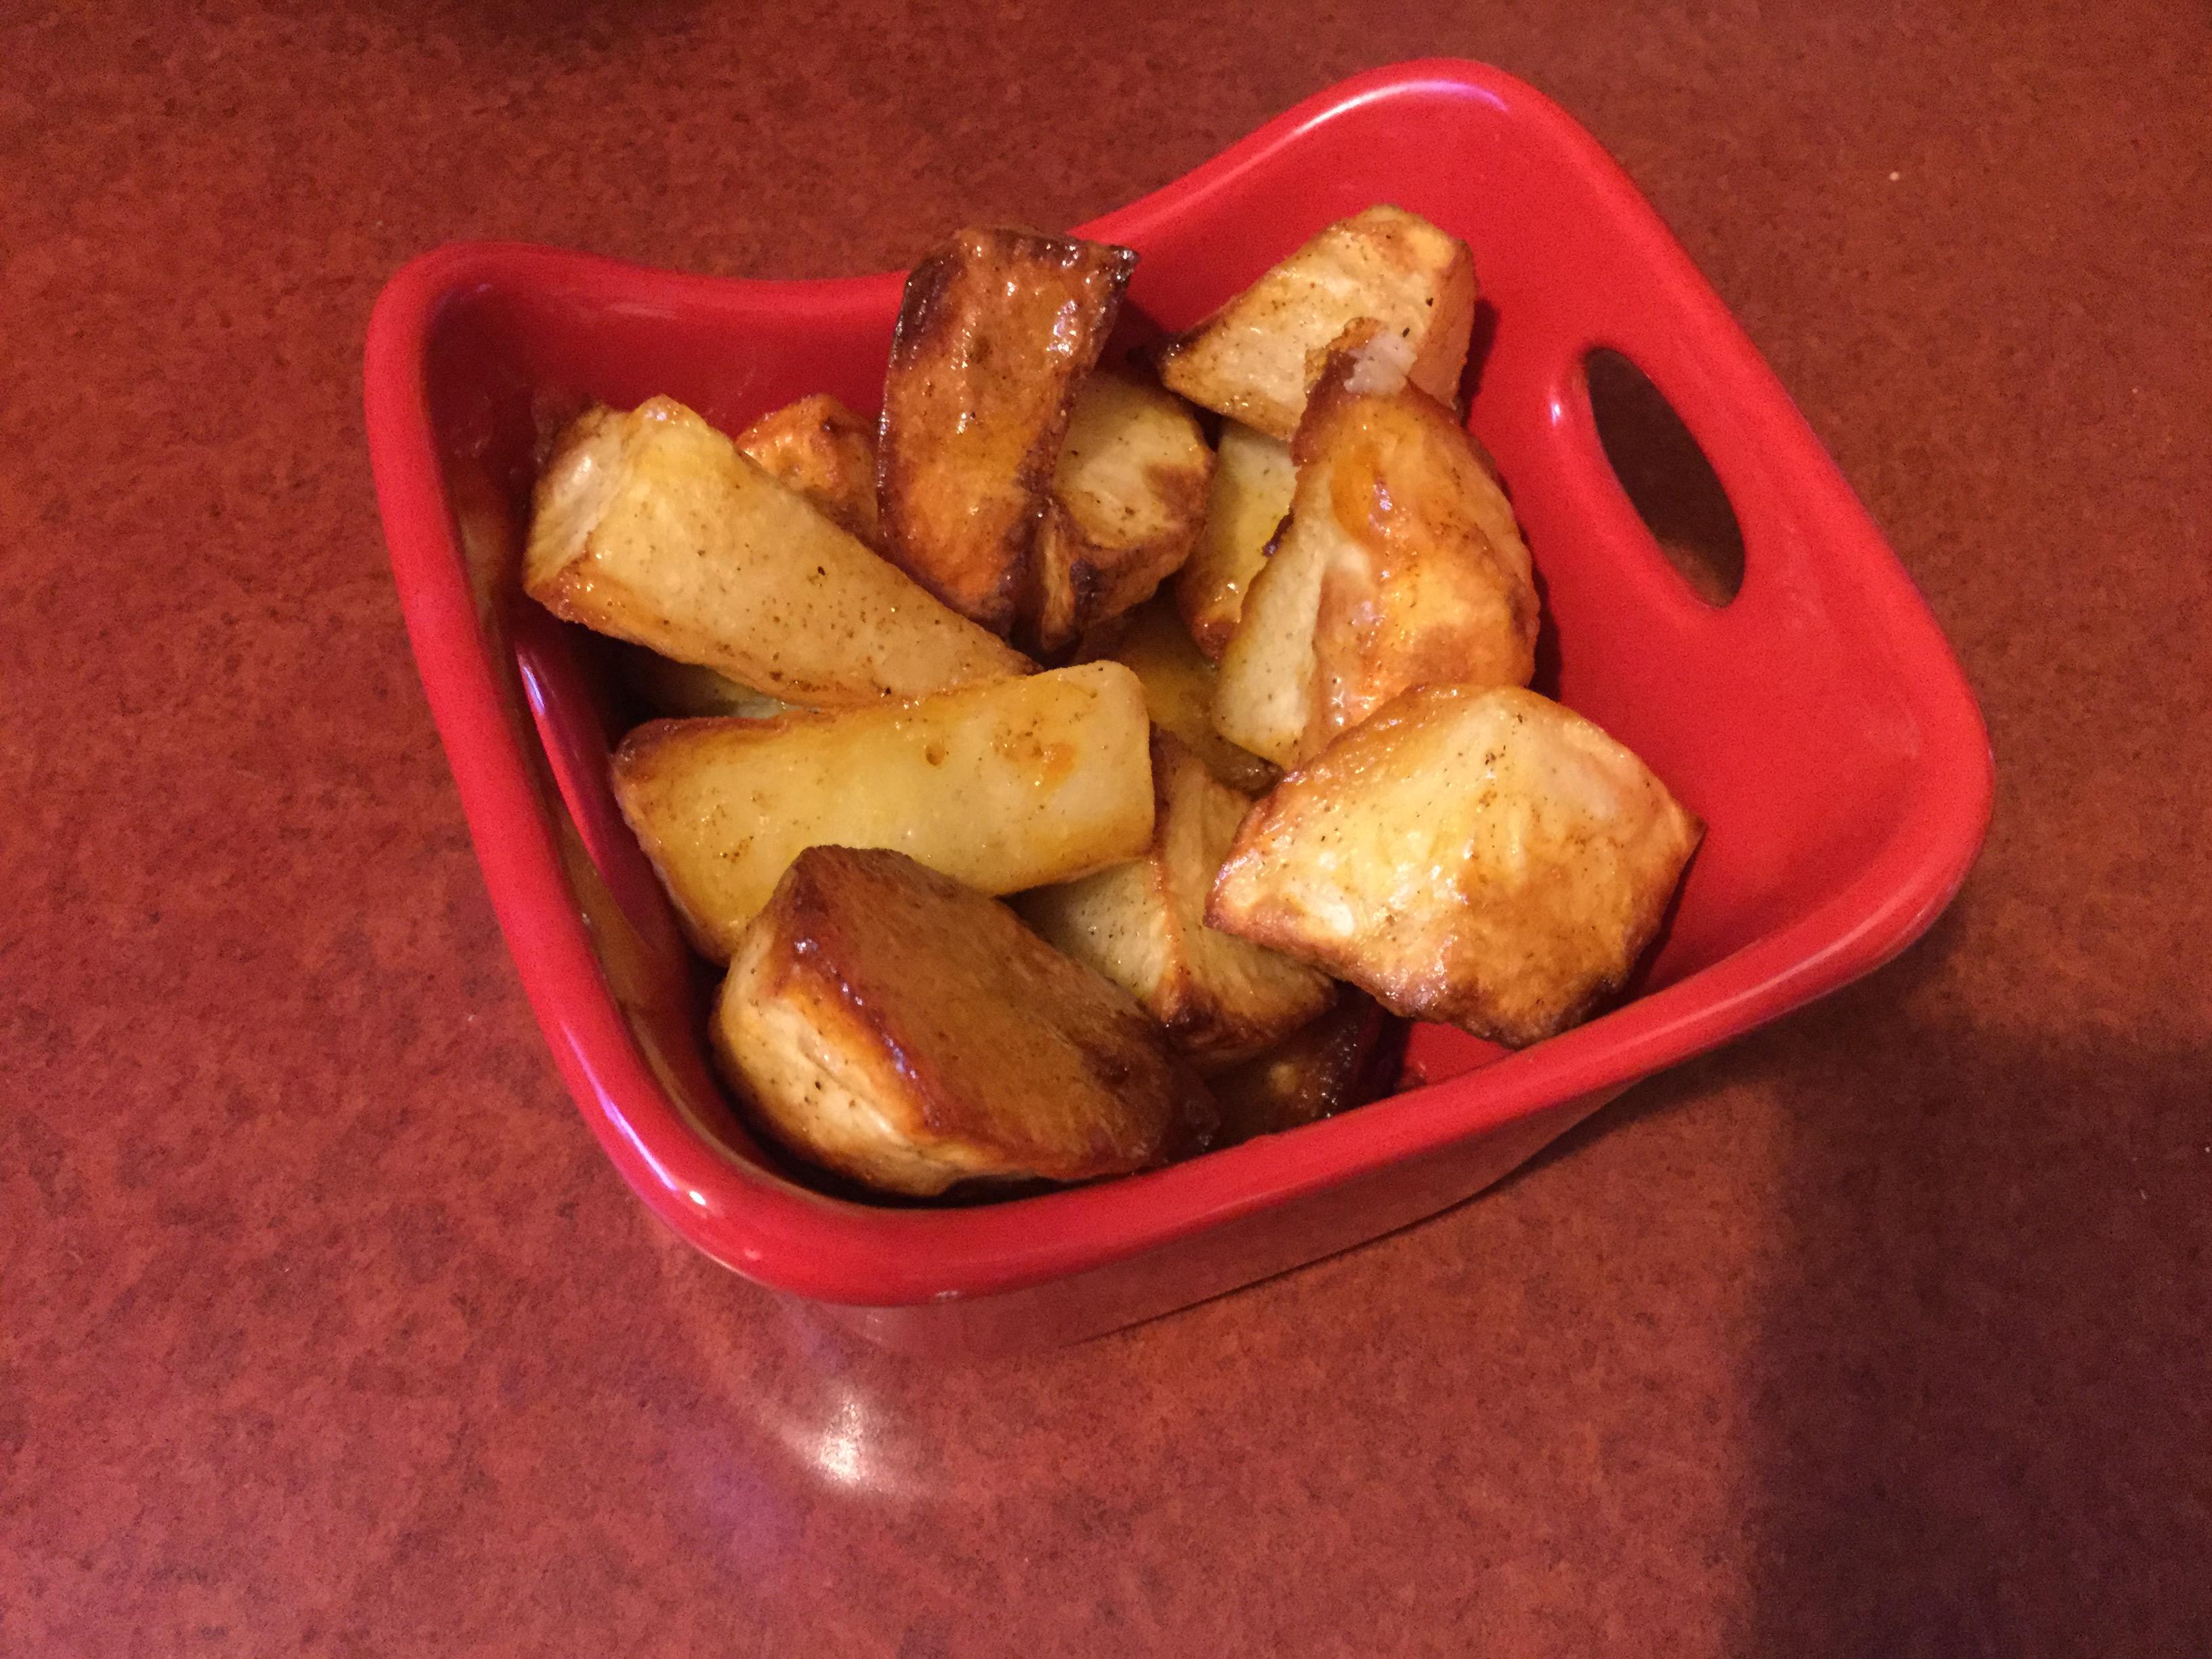 Amazing Oven Roasted Potatoes manella